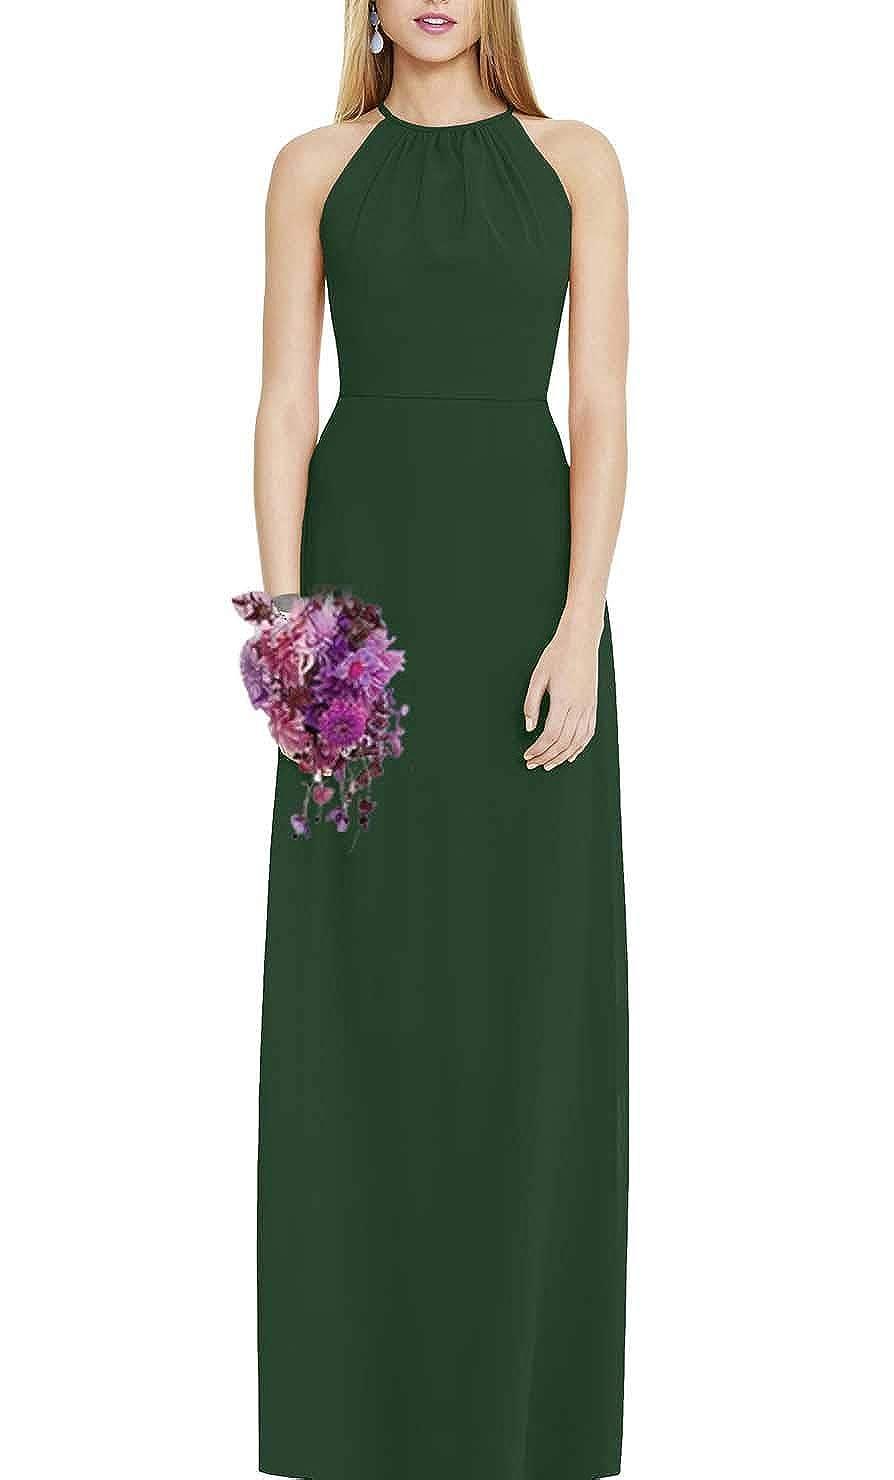 Hunter Green FeiYueXinXing Women's Halter Neck ALine Prom Ball Gowns Long Evening Bridesmaid Guest Dresses